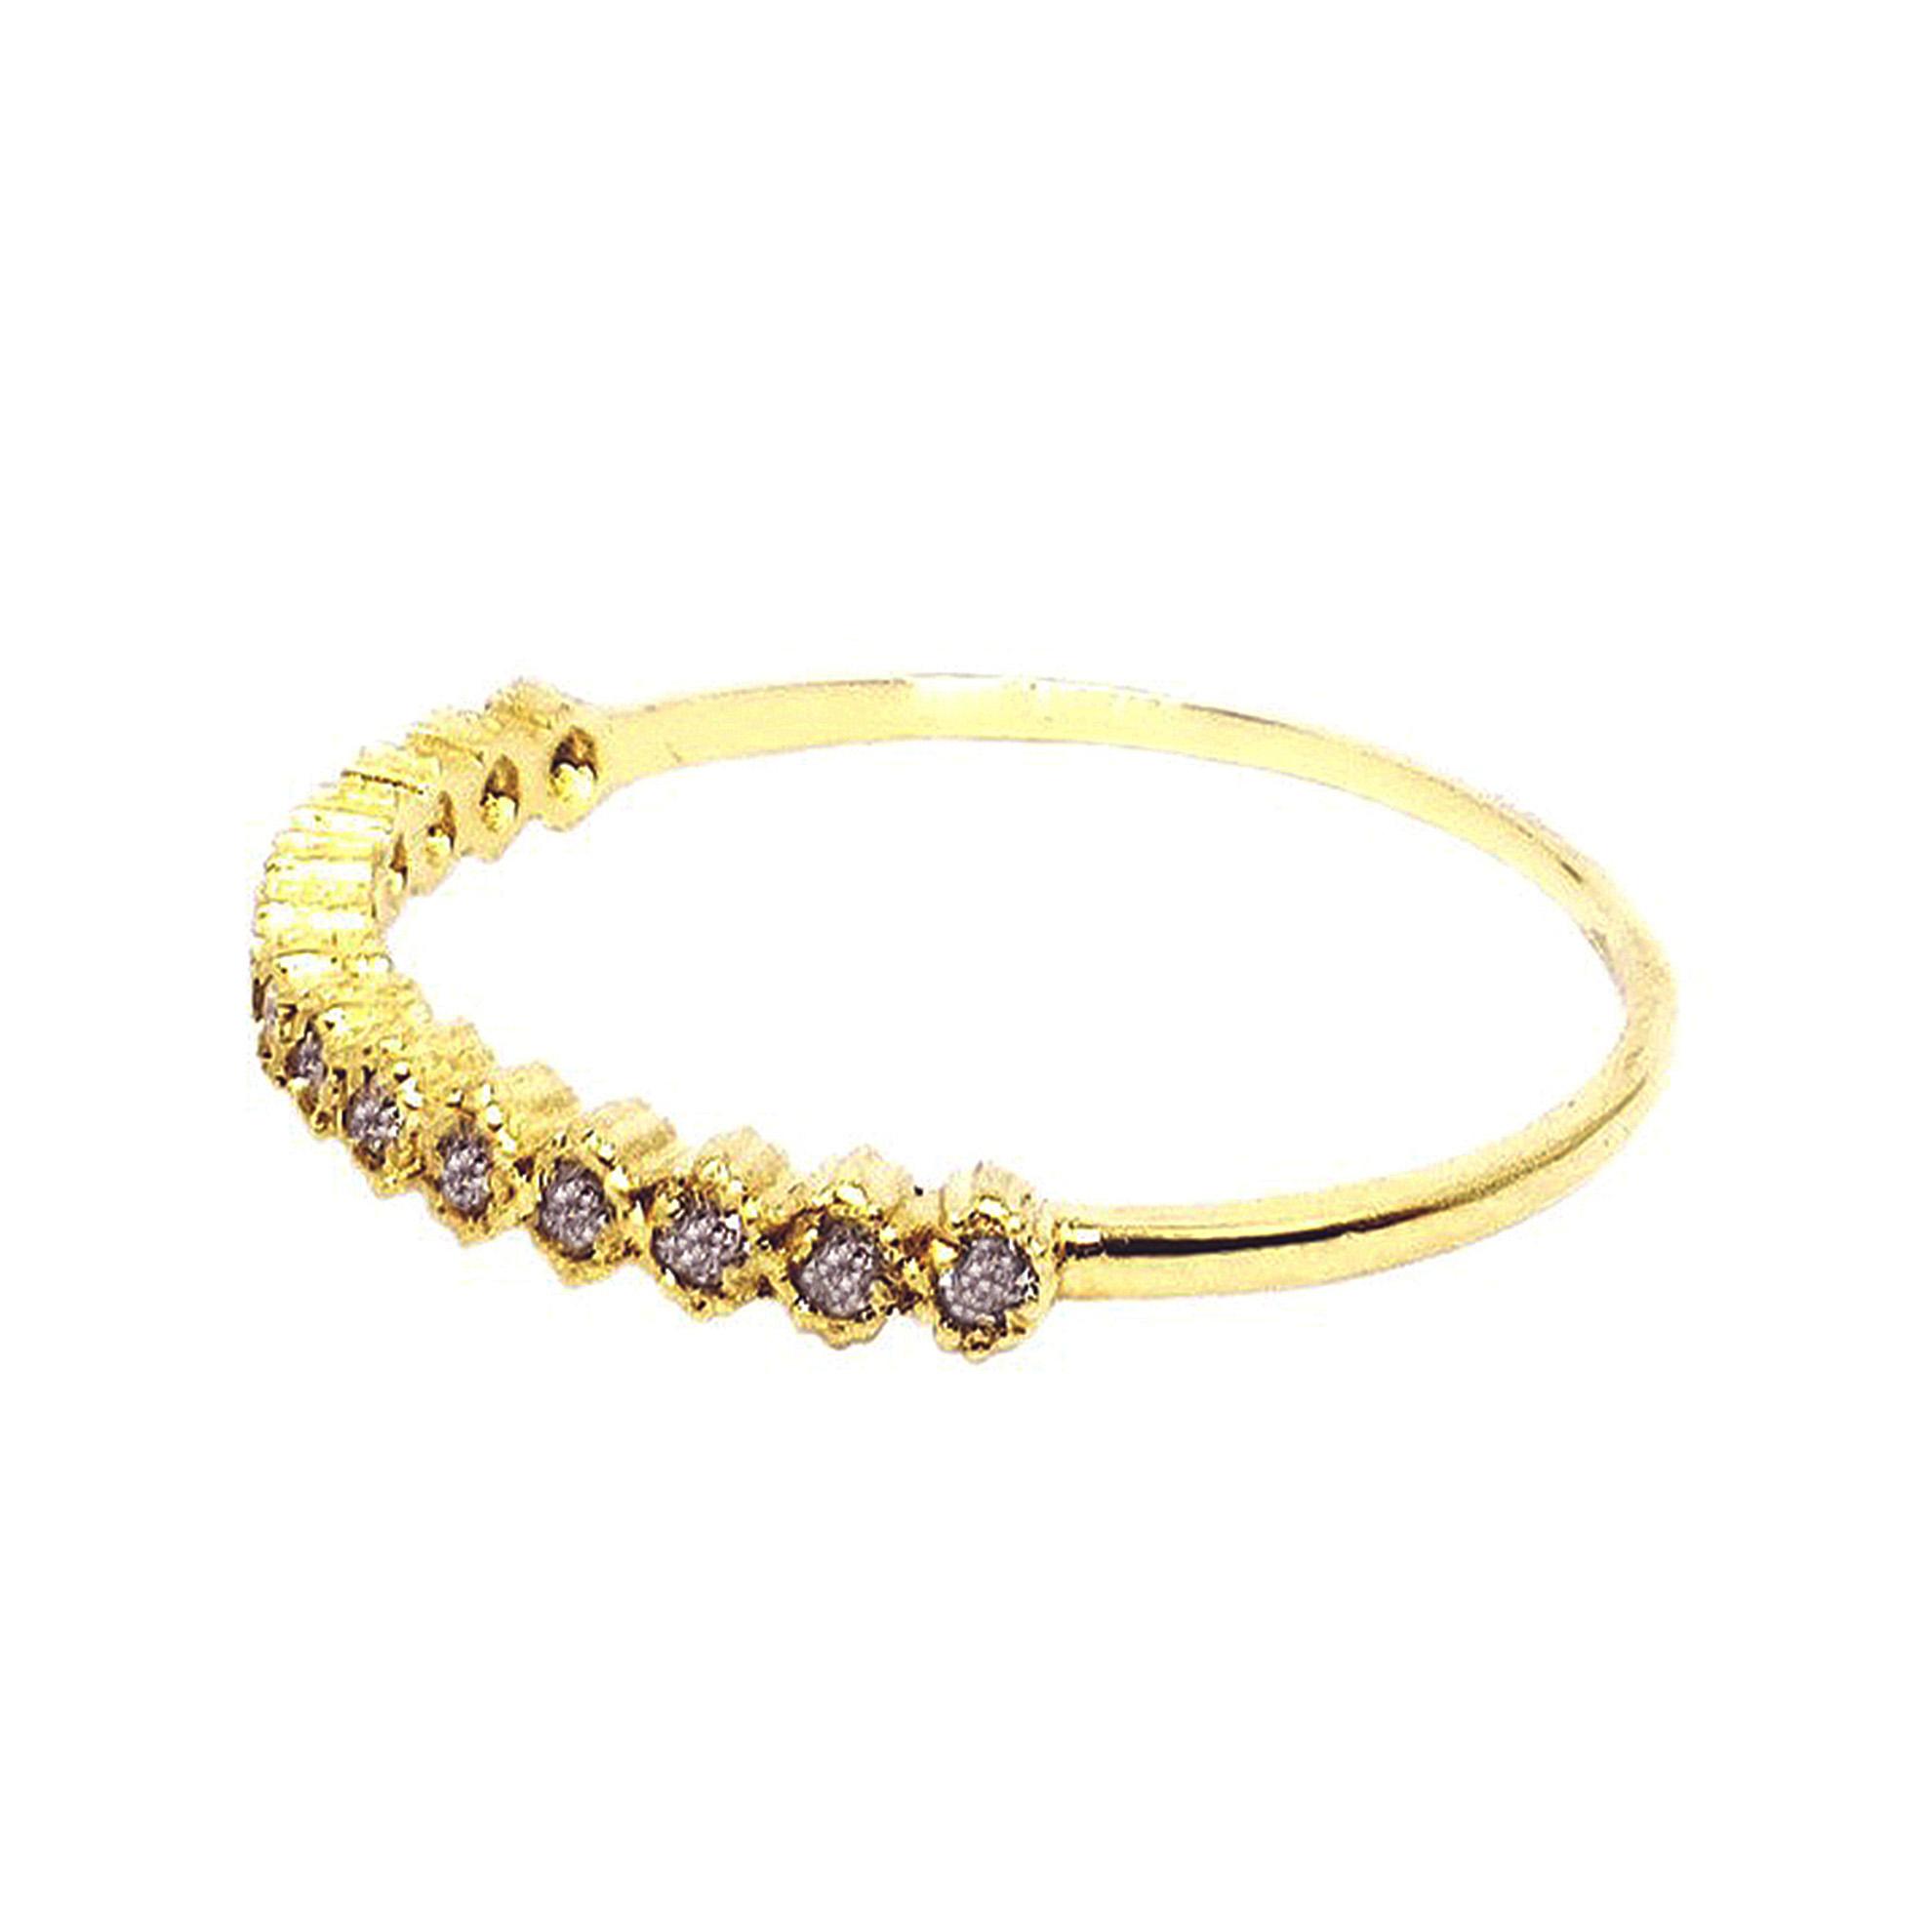 Meia Aliança c/ Diamantes em Ouro 18 Kilates